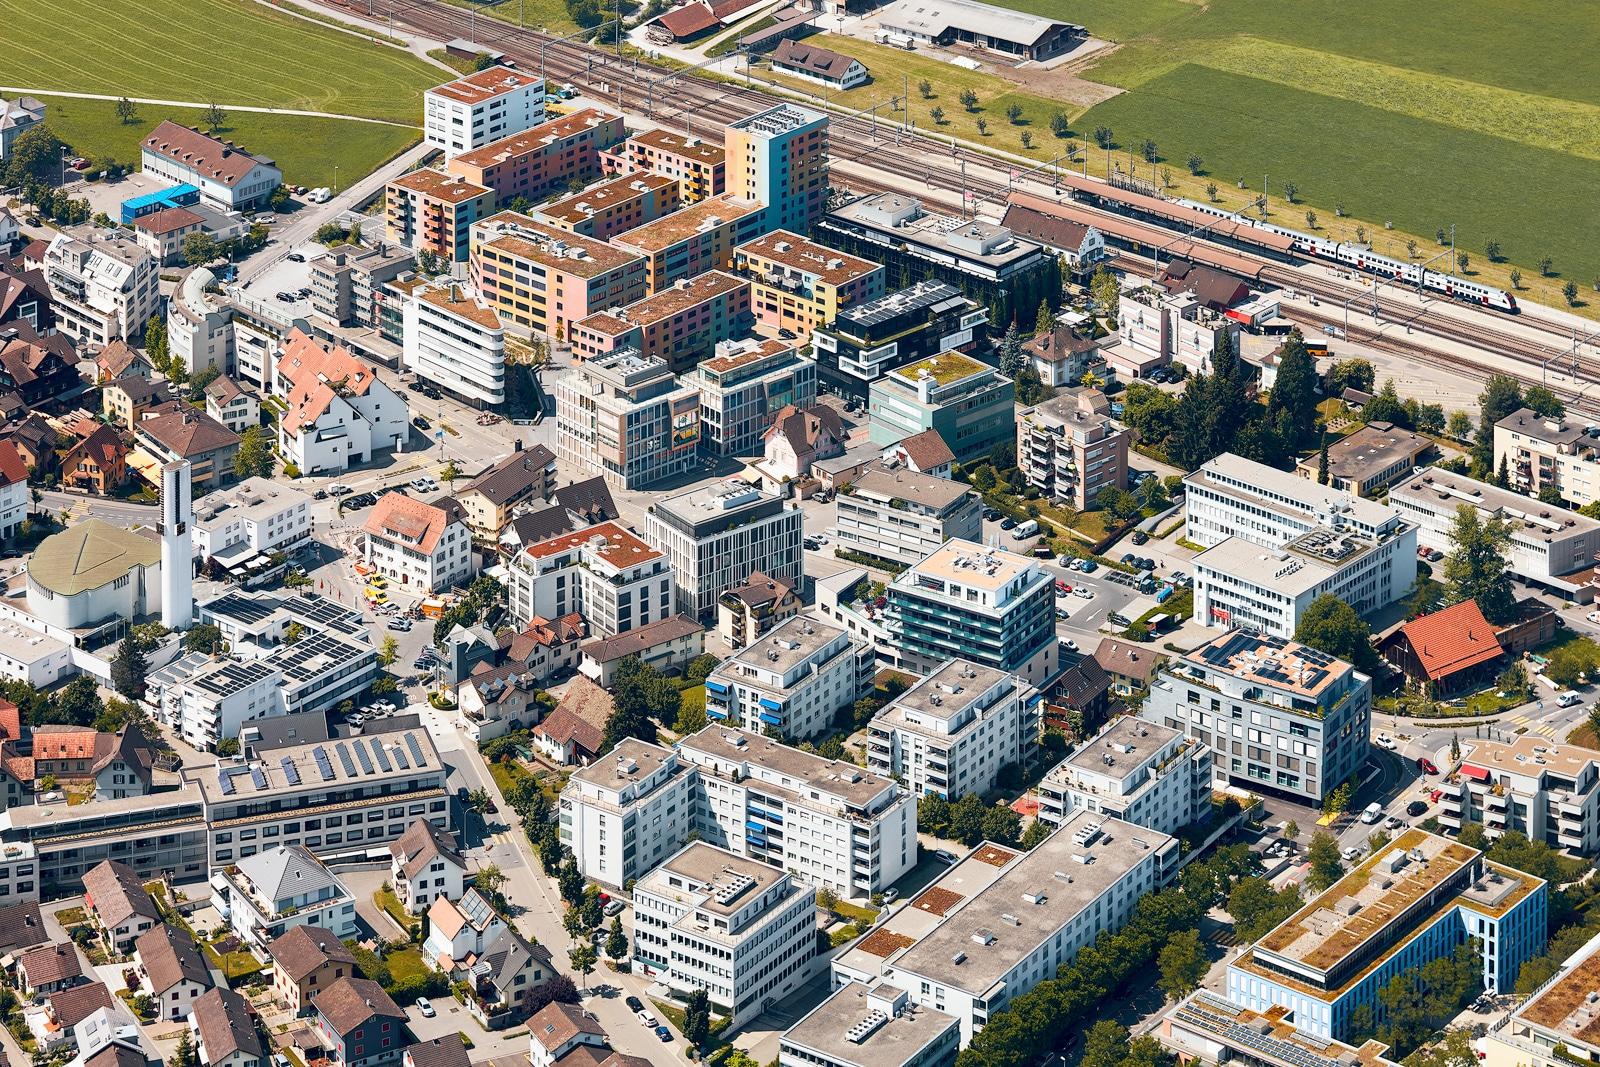 Luftaufnahme Dorfkern Pfäffikon Schwyz mit Blick auf Central Gate, Stadelhofen, Churerstrasse, Bahnhof